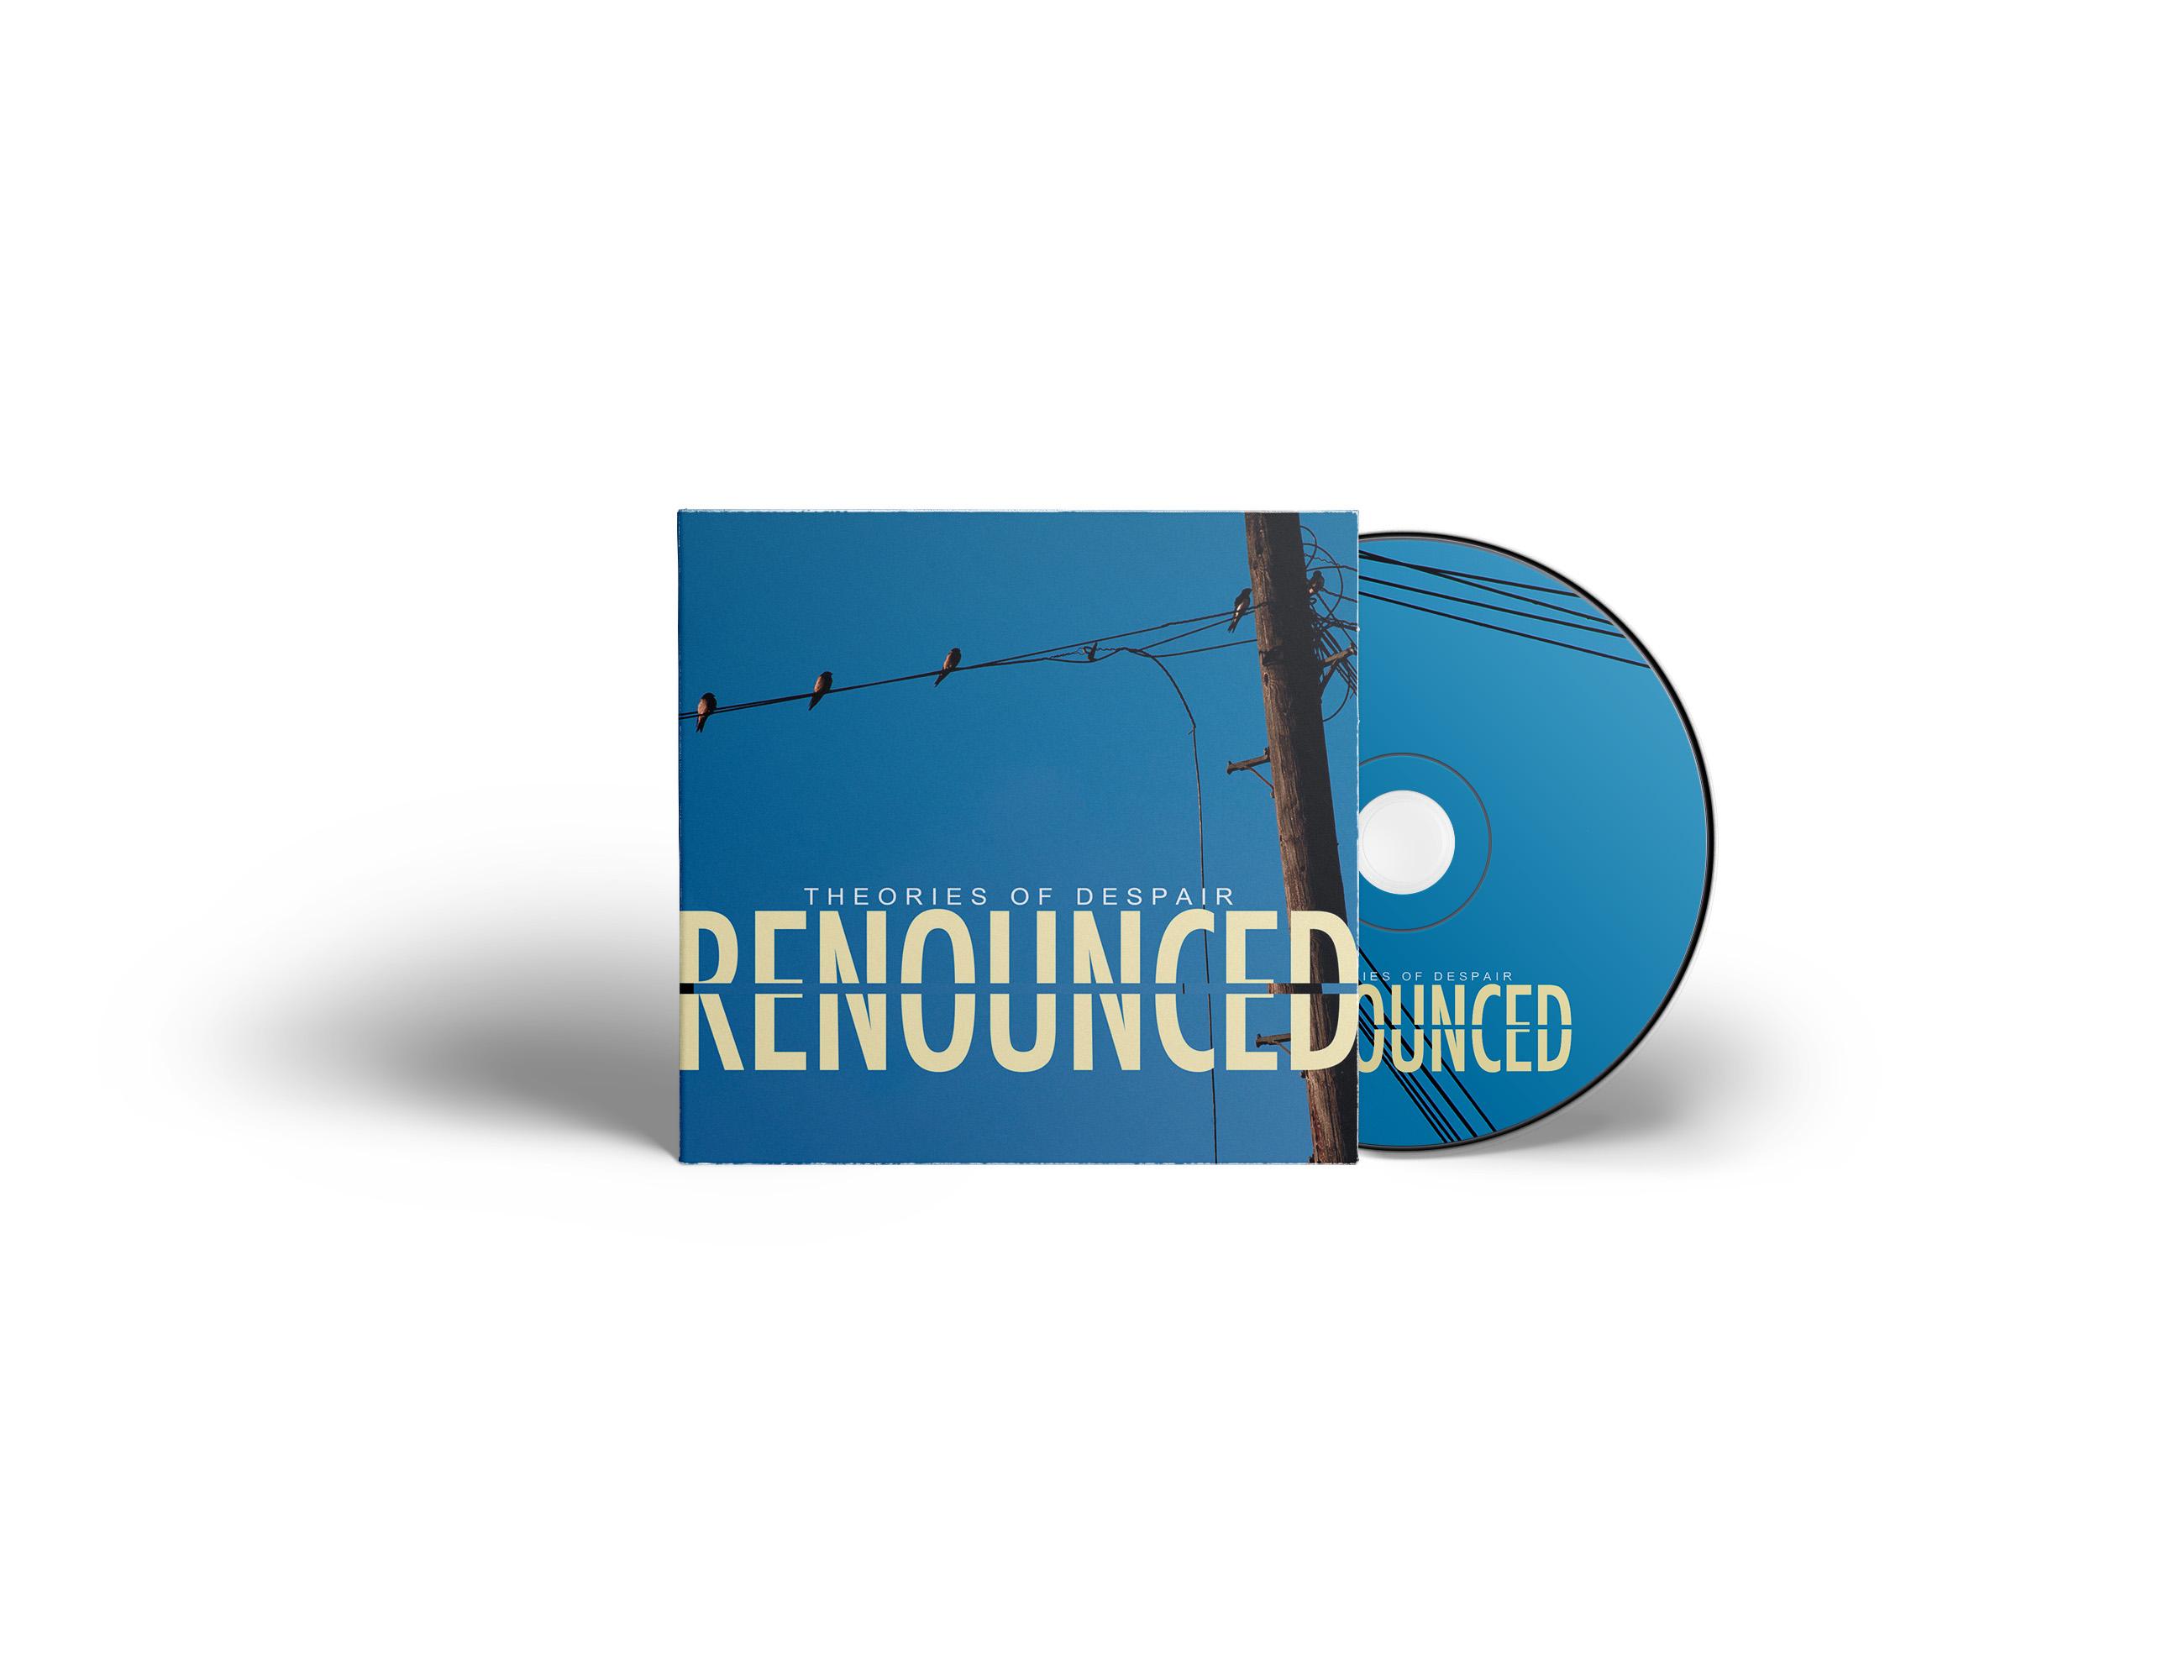 Renounced - Theories Of Despair (reissue)